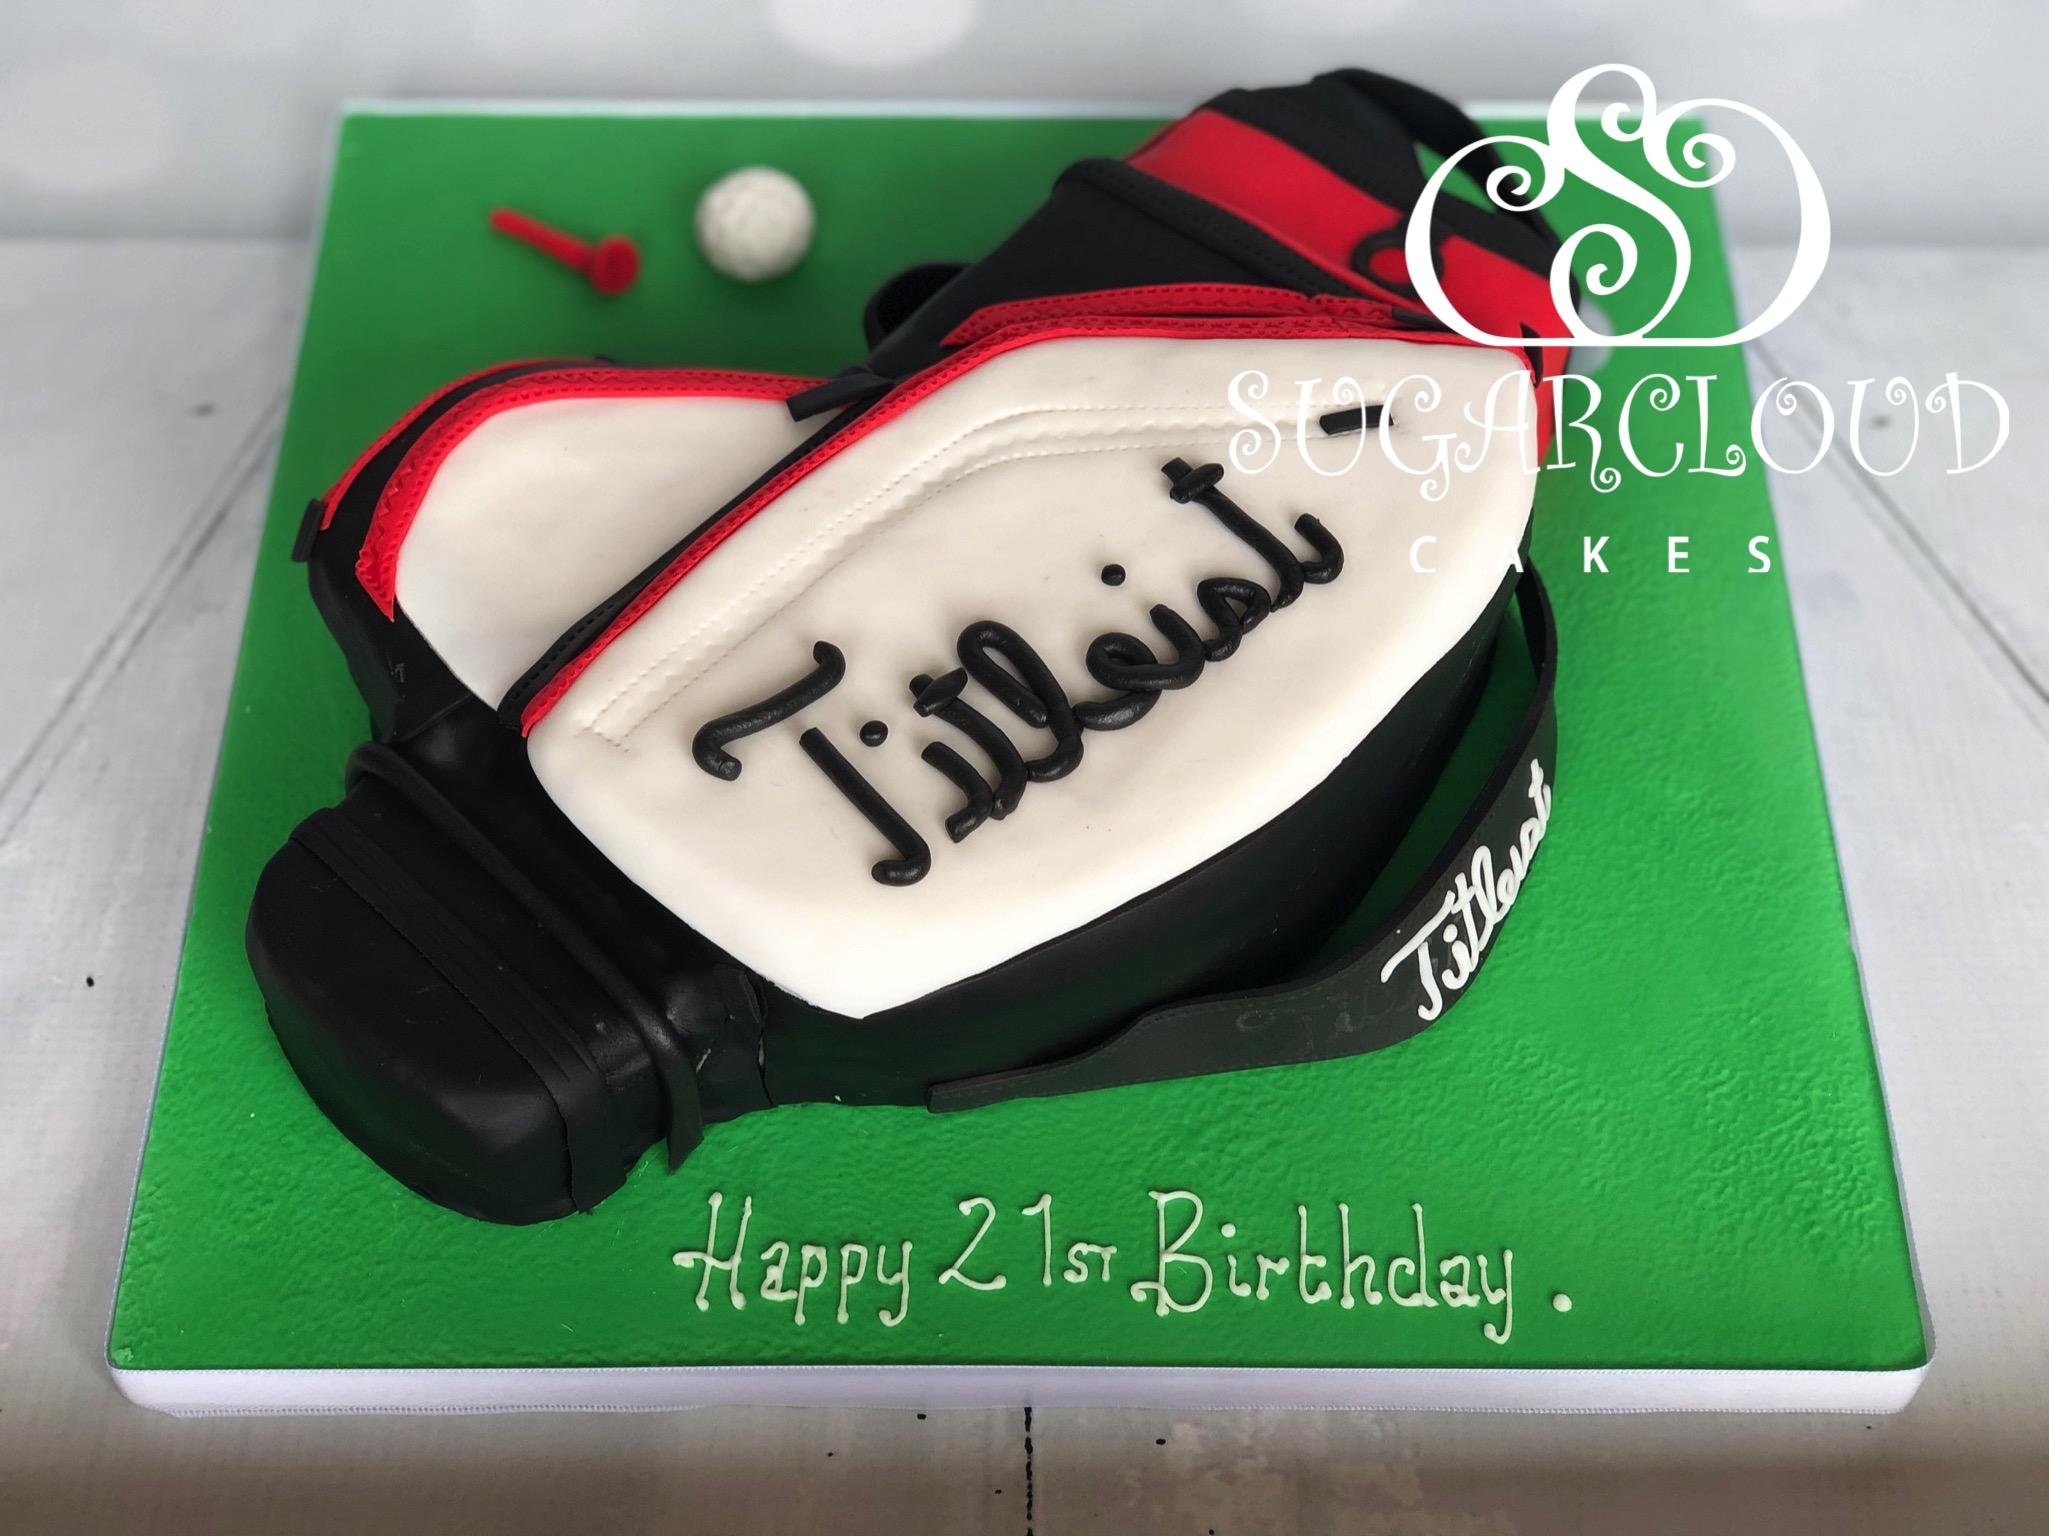 A 21st Birthday Titleist Golf Bag Cake